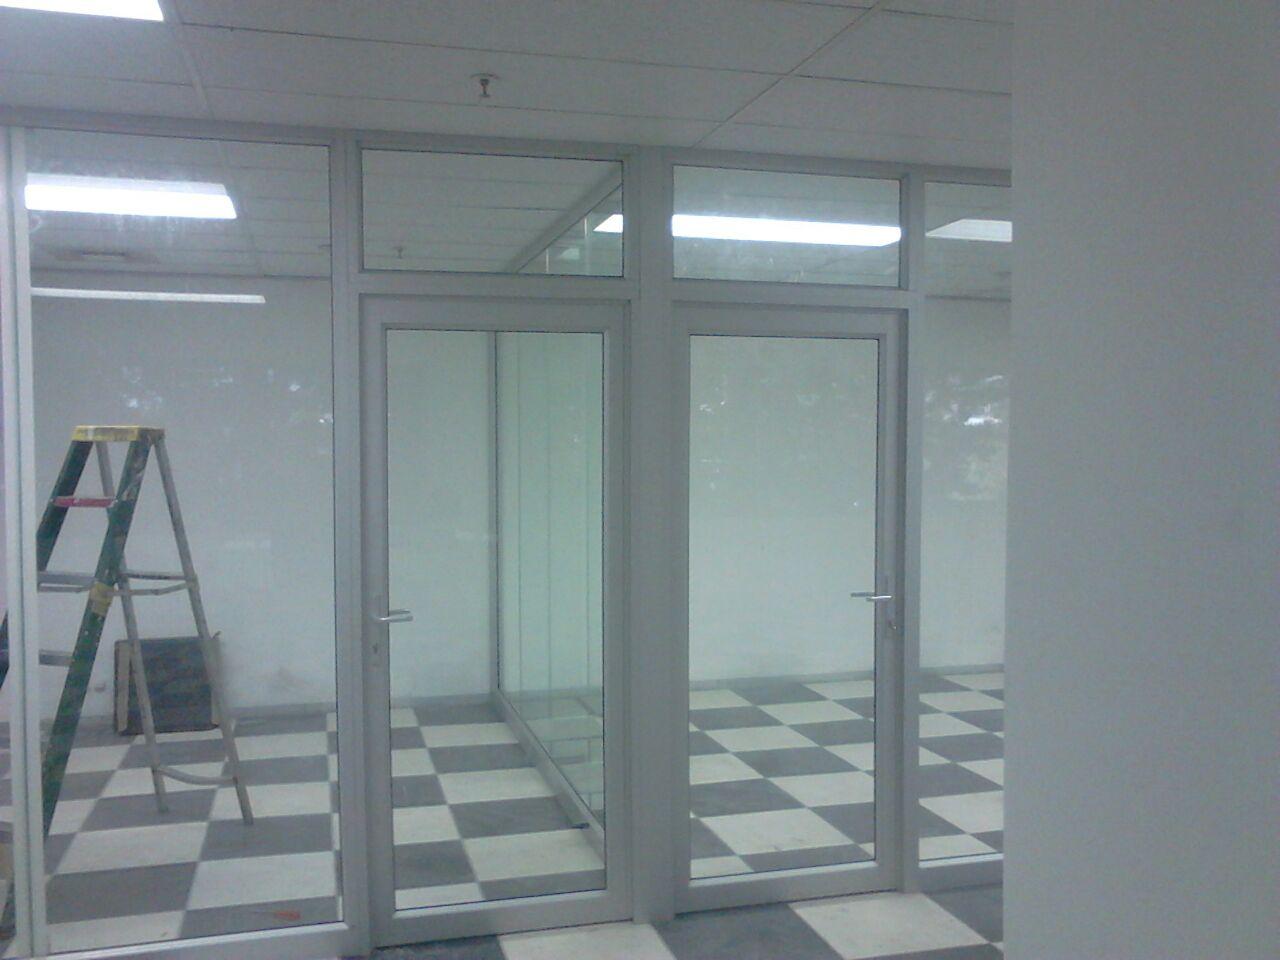 Transparent Aluminium Turn Glass And Aluminium Supplying Quality Aluminium Frames